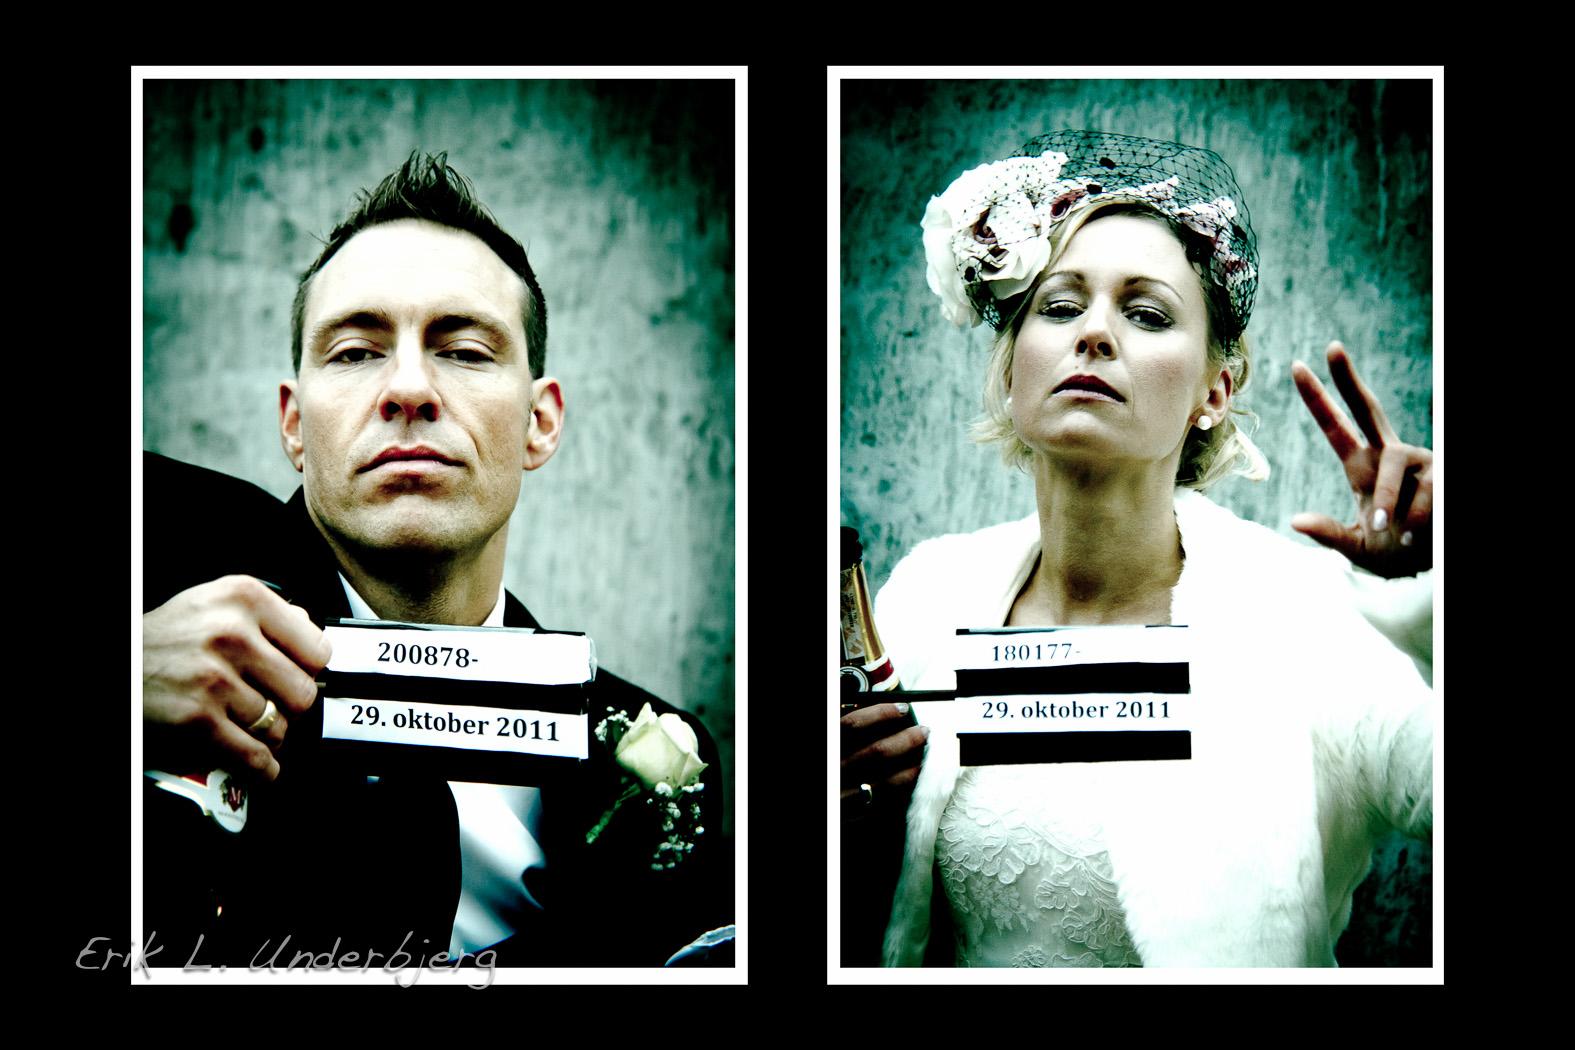 Ditte og Morten - Mugshot - 2